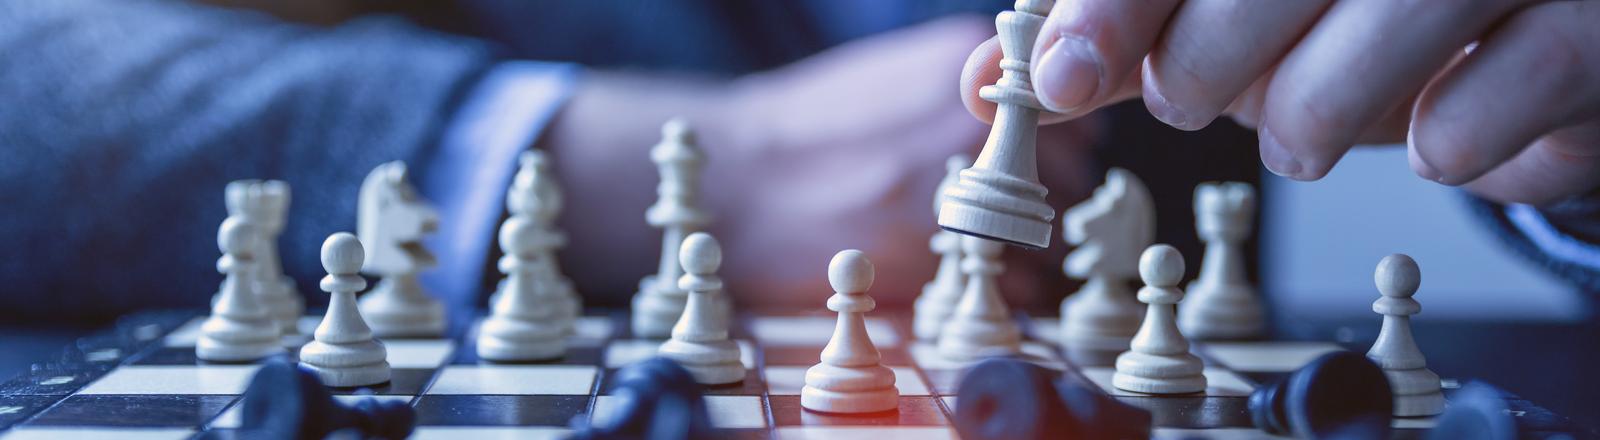 Nahaufnahme einer Hand beim Schachspiel. Die weißen Figuren stehen noch, alle schwarzen sind umgefallen.